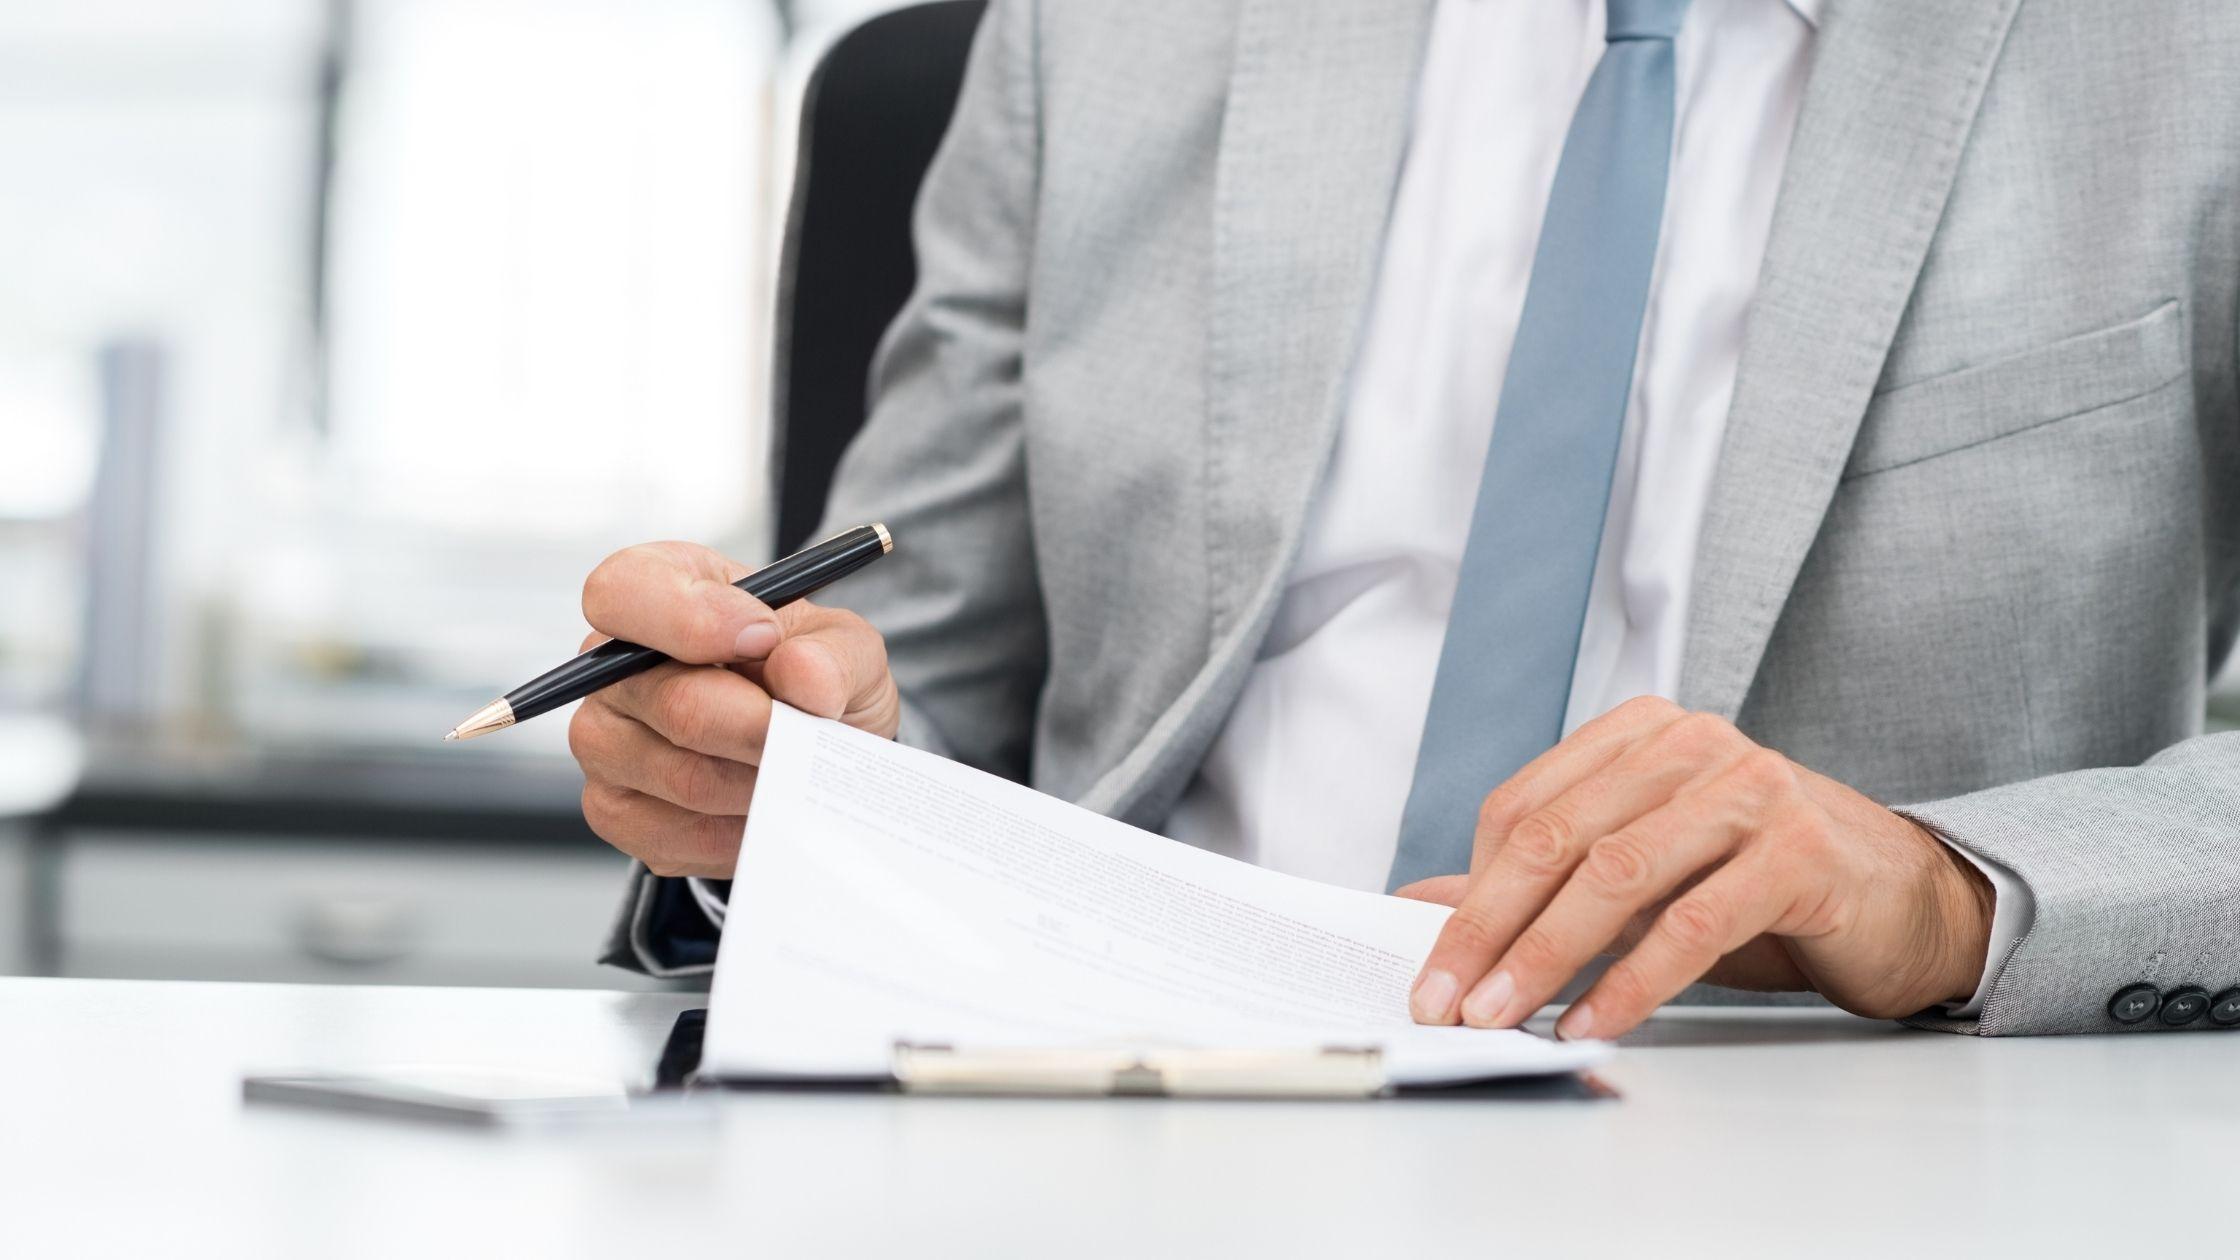 Appoint A Virtual CFO